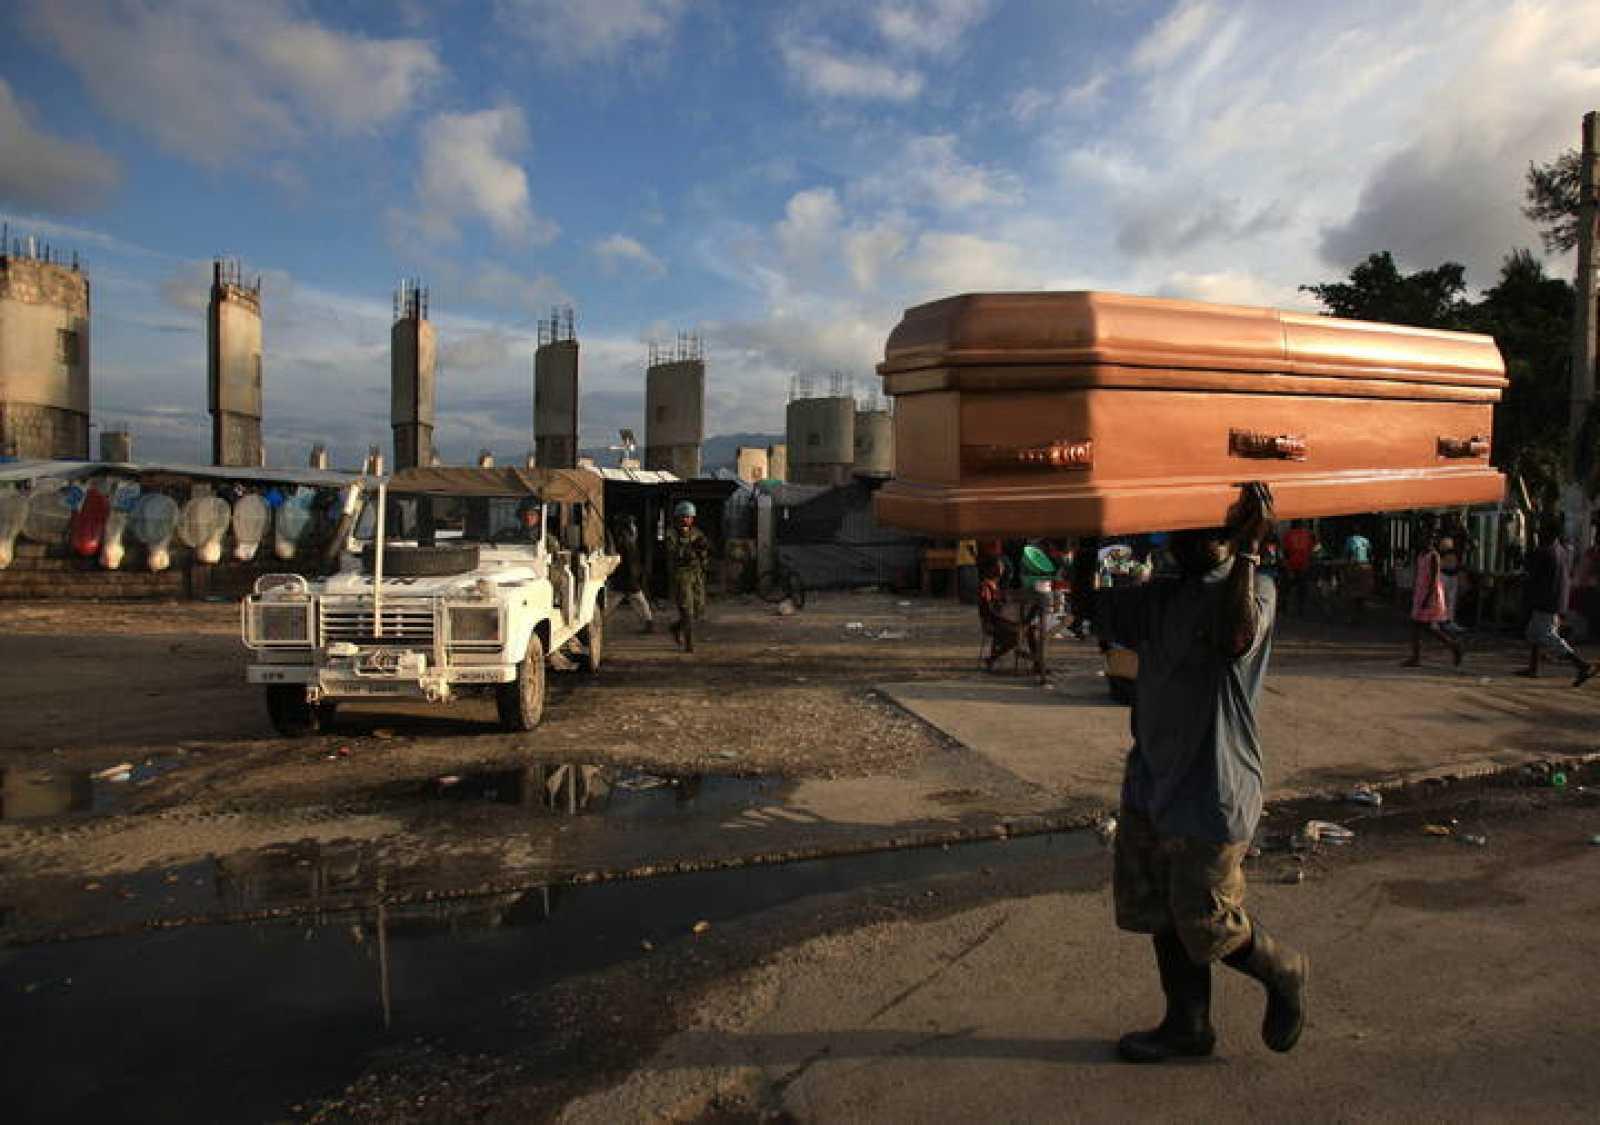 El cólera ha dejado ya más de 500 muertos en Haití.